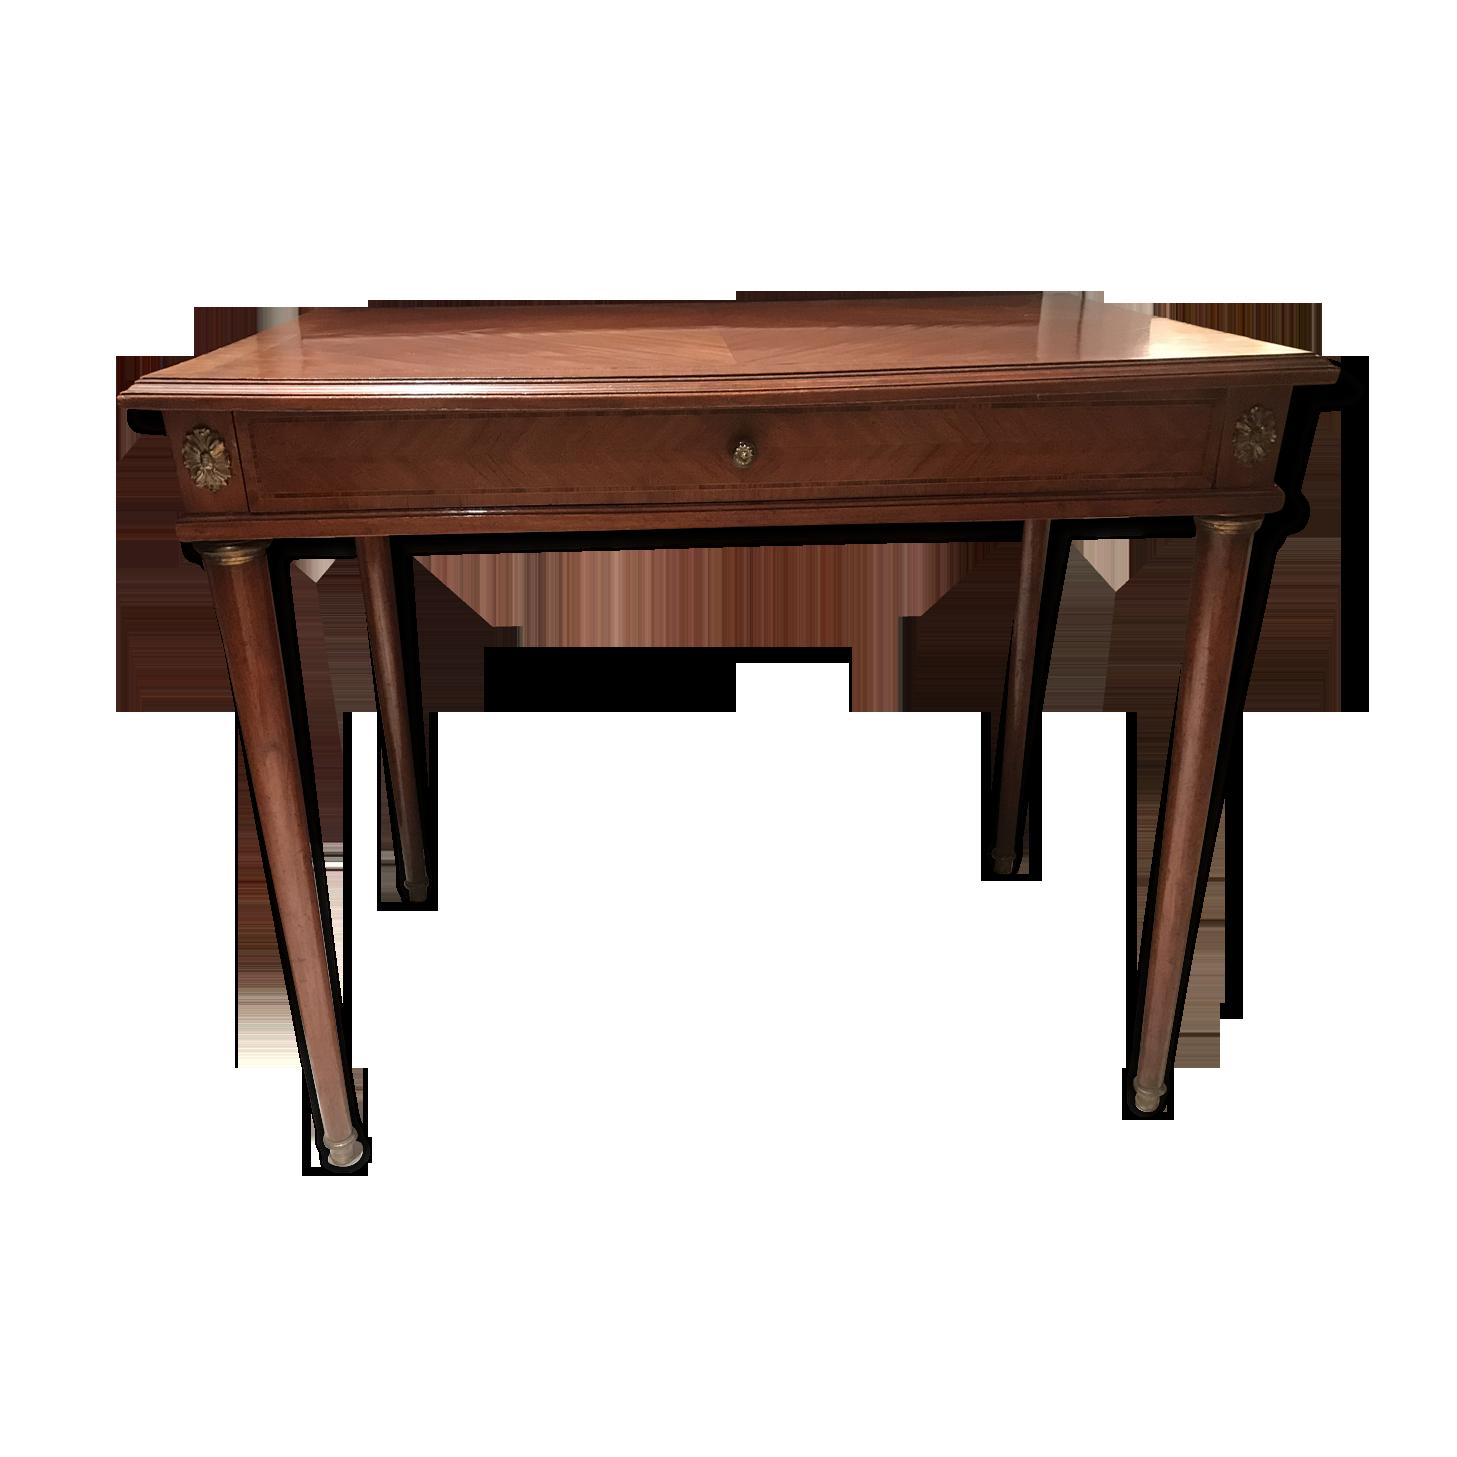 Bureau bois brut unique bureau bois brut u mzaol table basse